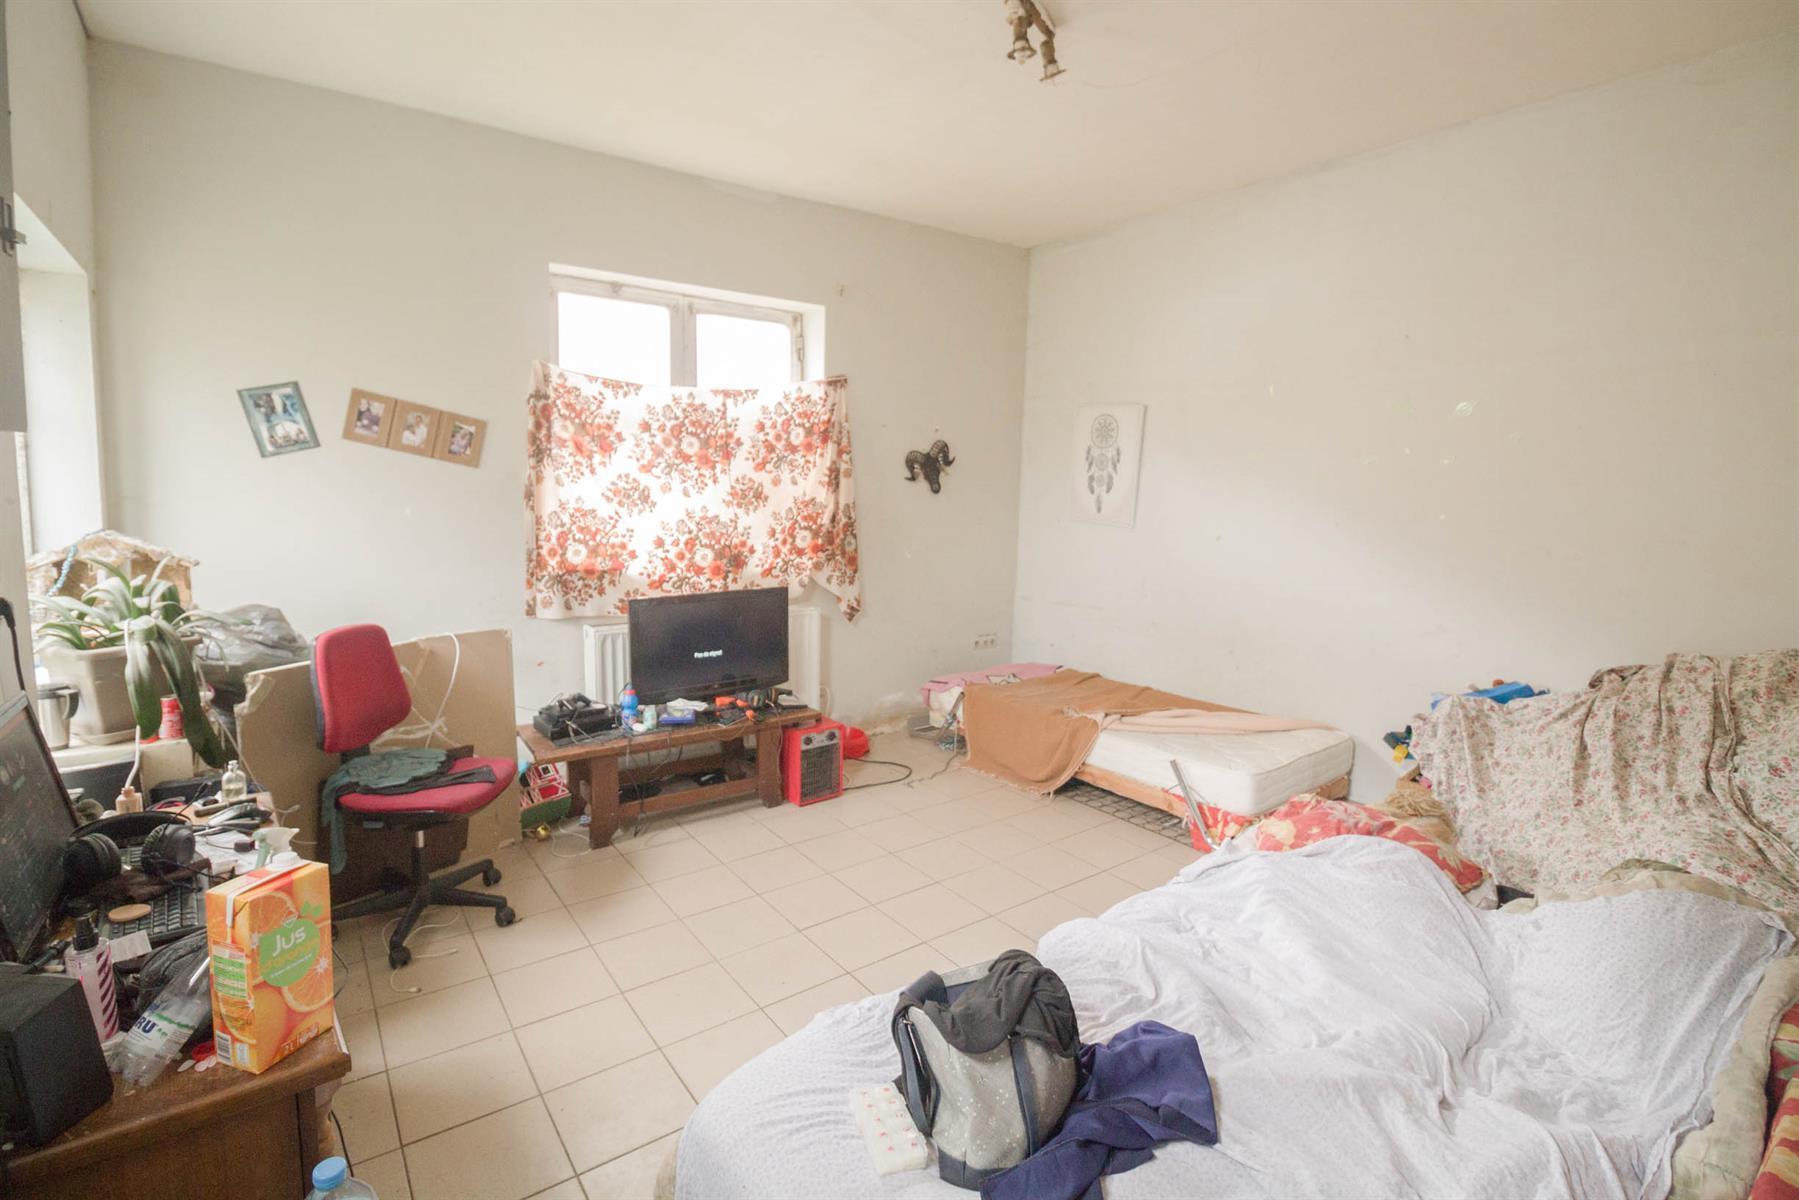 Maison - Courcelles - #4001888-4